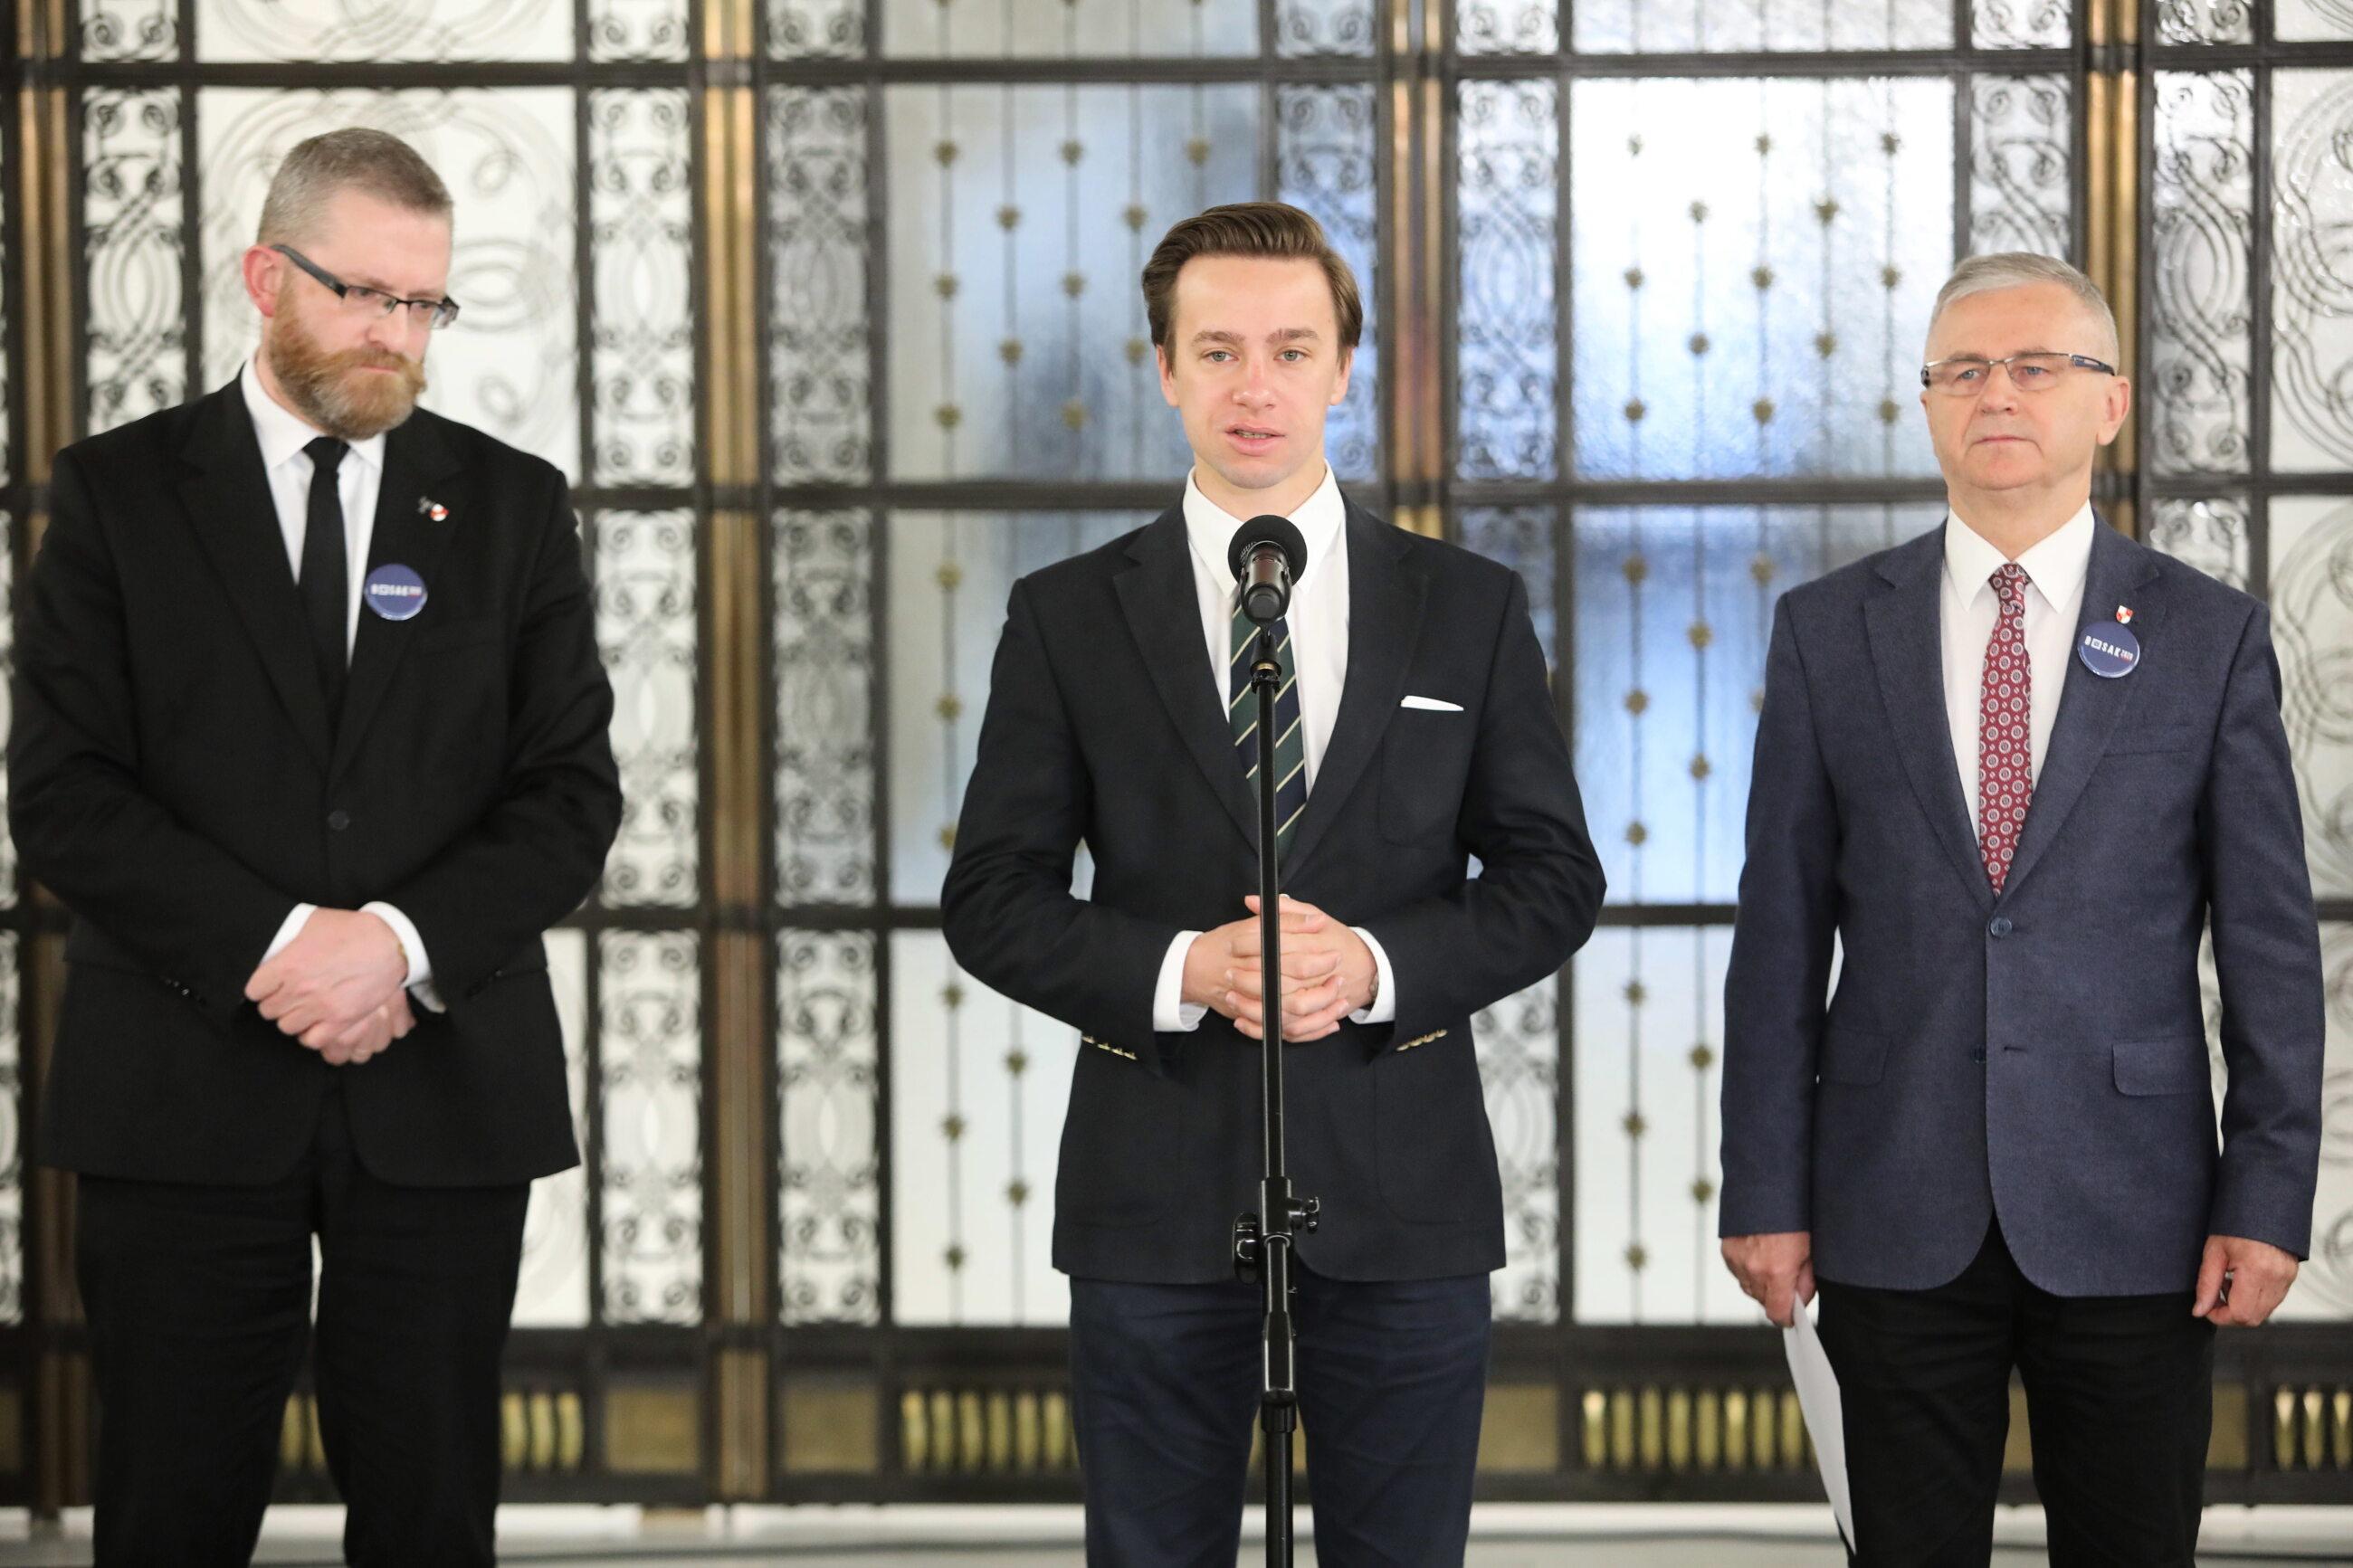 Grzegorz Braun, Krzysztof Bosak, Włodzimierz Skalik